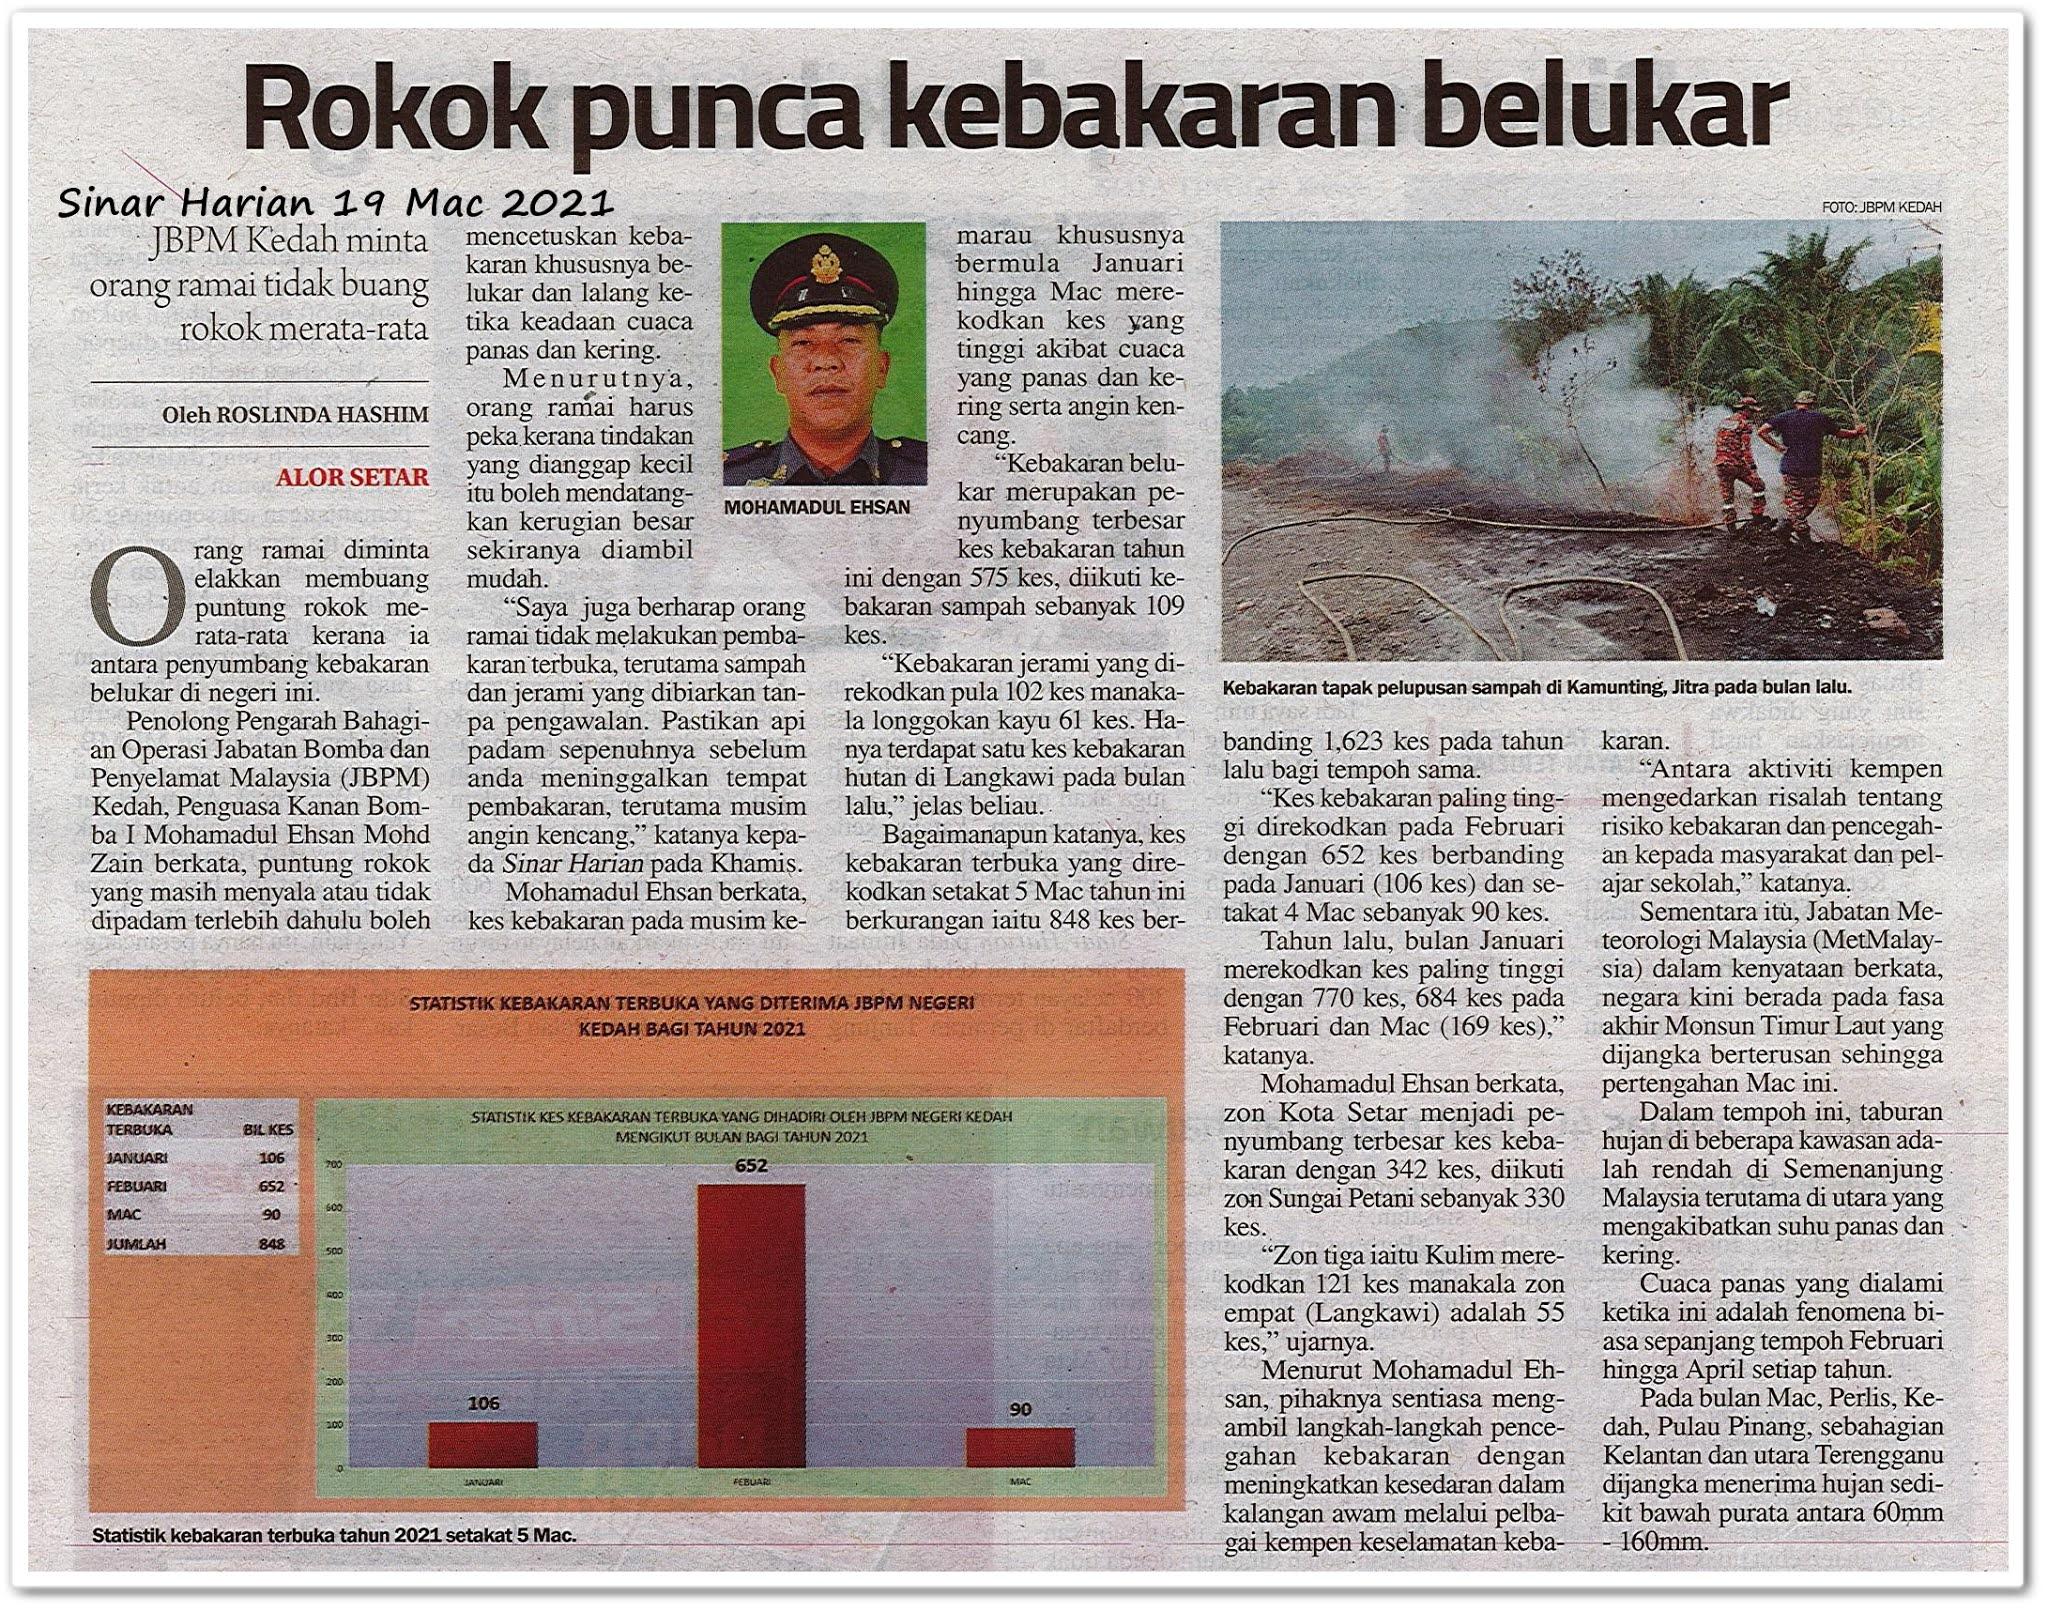 Rokok punca kebakaran belukar - Keratan akhbar Sinar Harian 19 Mac 2021